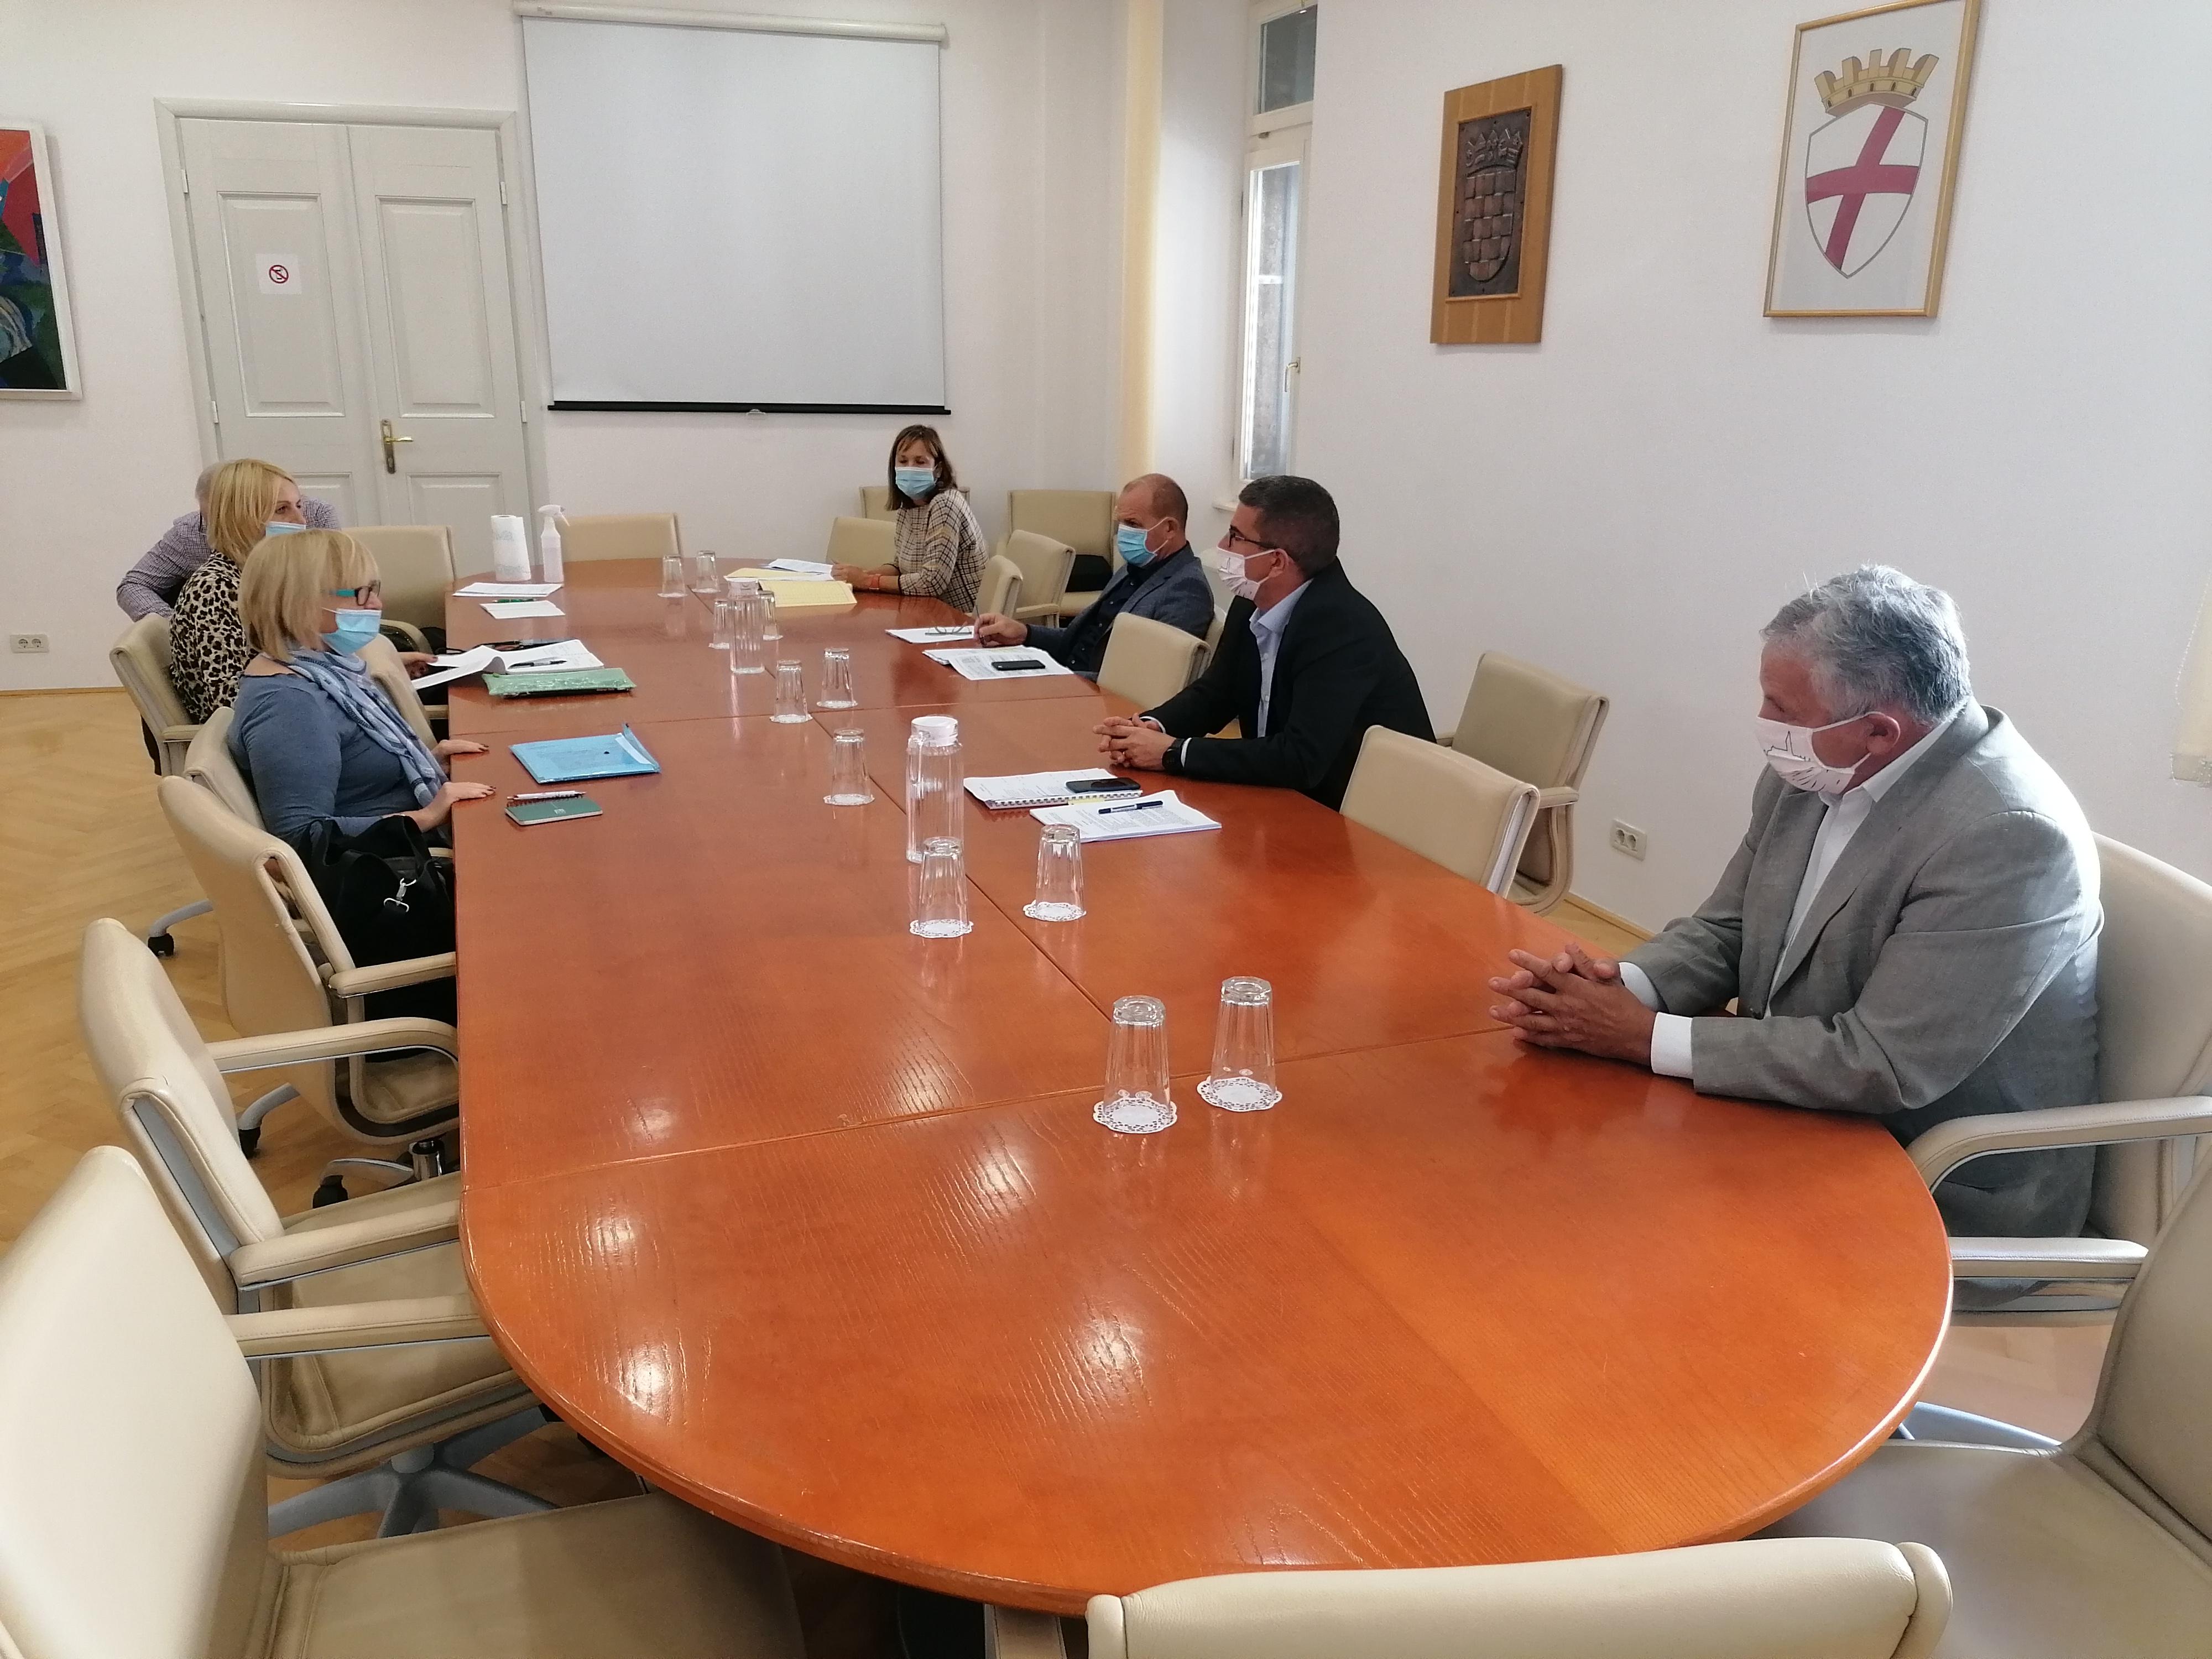 Održan sastanak s predstavnicima Konzervatorskog odjela u Puli